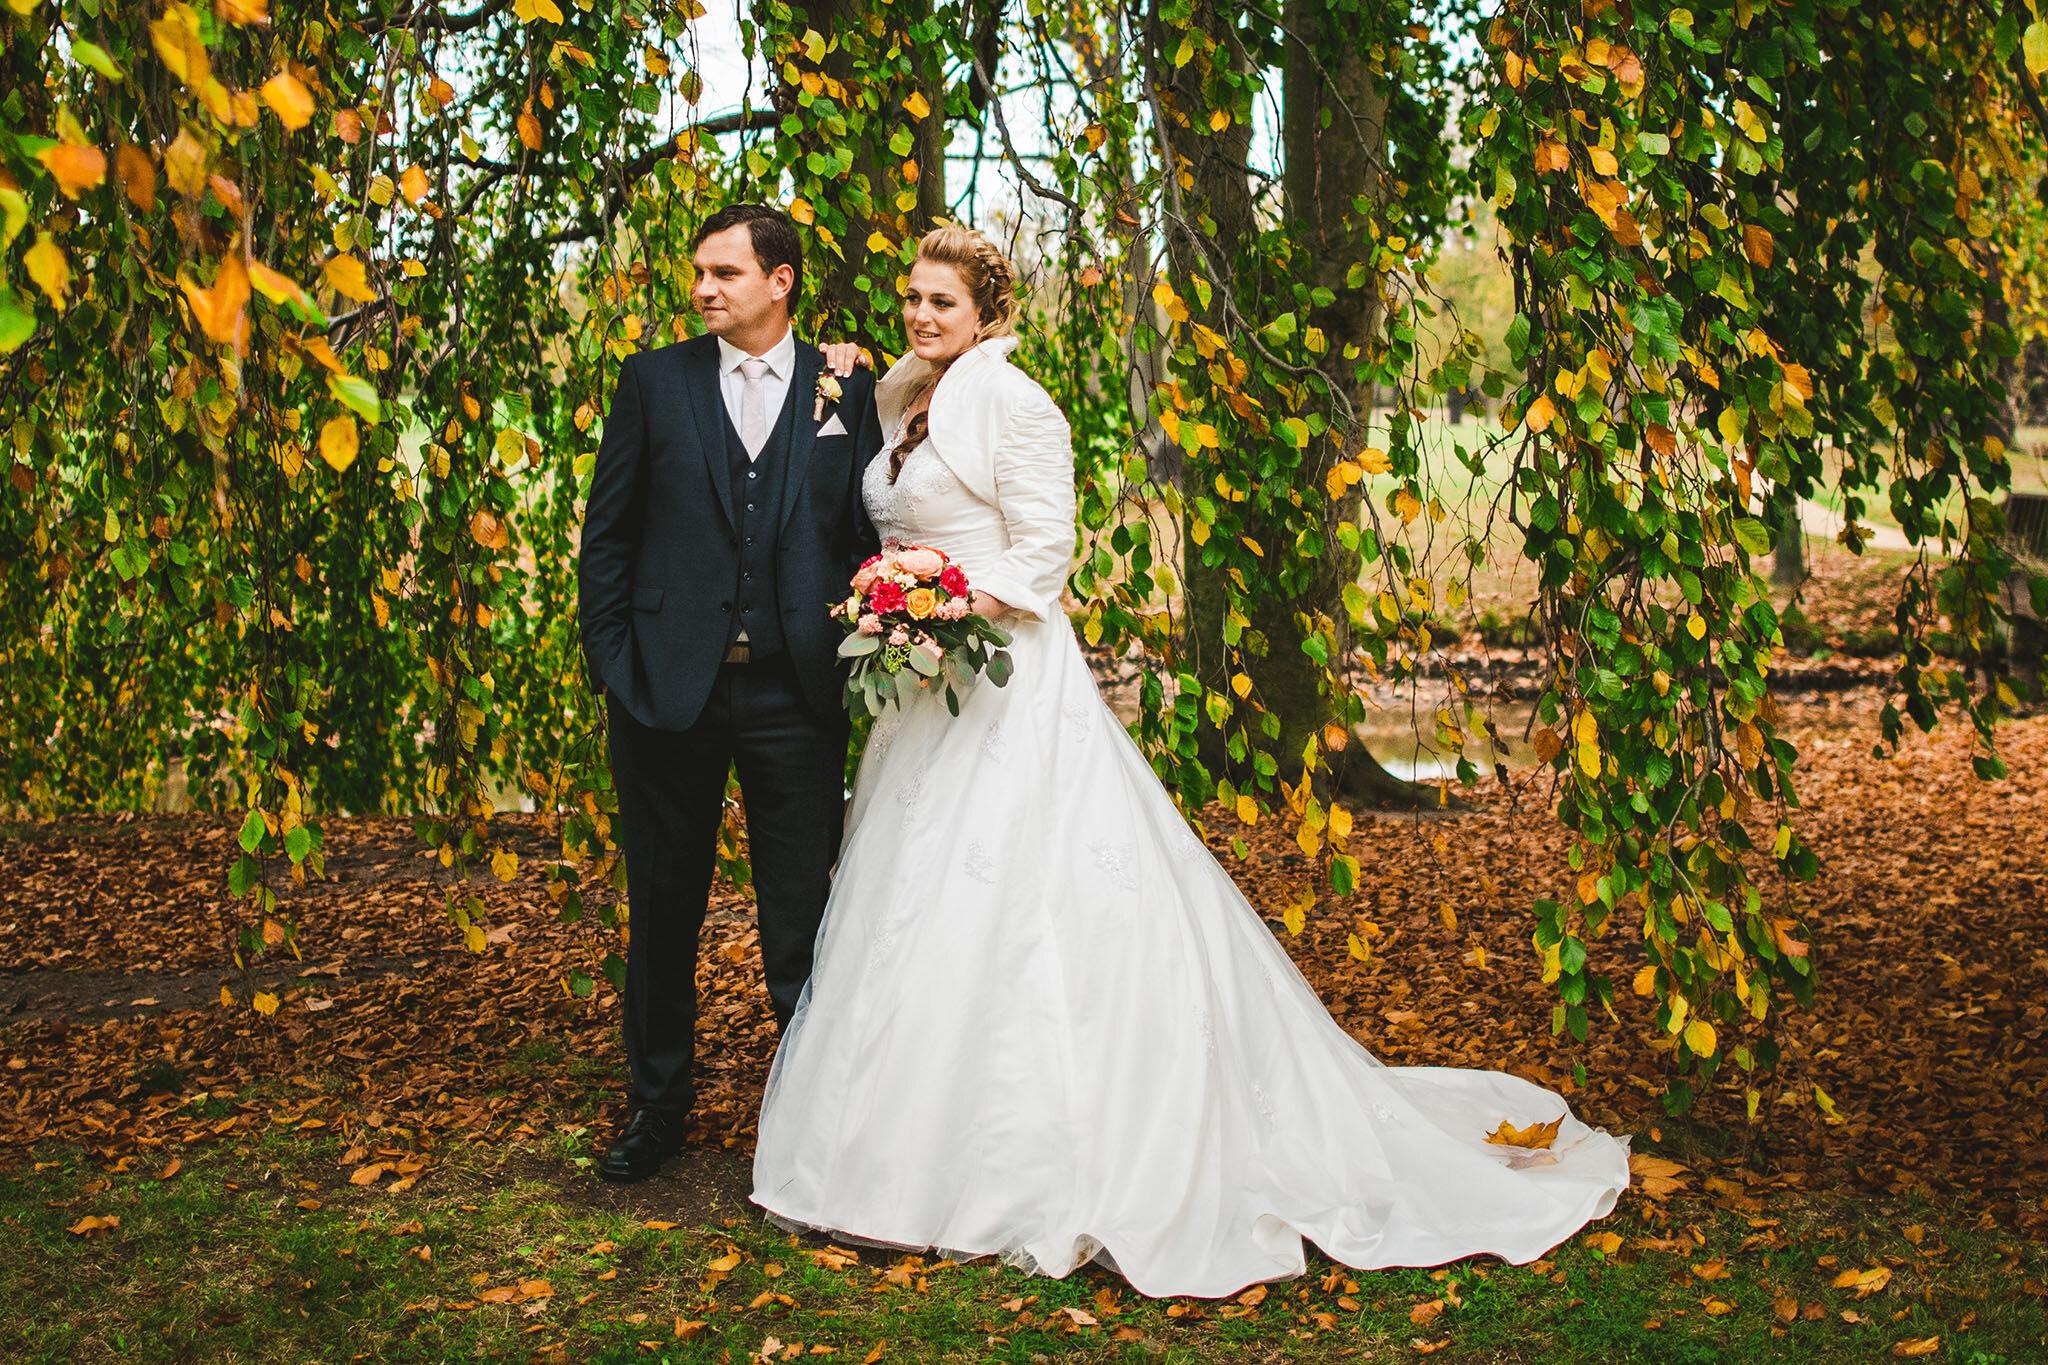 """Diana + Martin - """"Ron hat unsere Hochzeit Ende Oktober 2017 begleitet und diesen aufregenden Tag für uns für immer festgehalten...Wir haben uns sehr wohl gefühlt und es ist immer wieder eine riesen Freude in den Bildern zu blättern....tausend Dank für diese wunderbare Arbeit."""""""